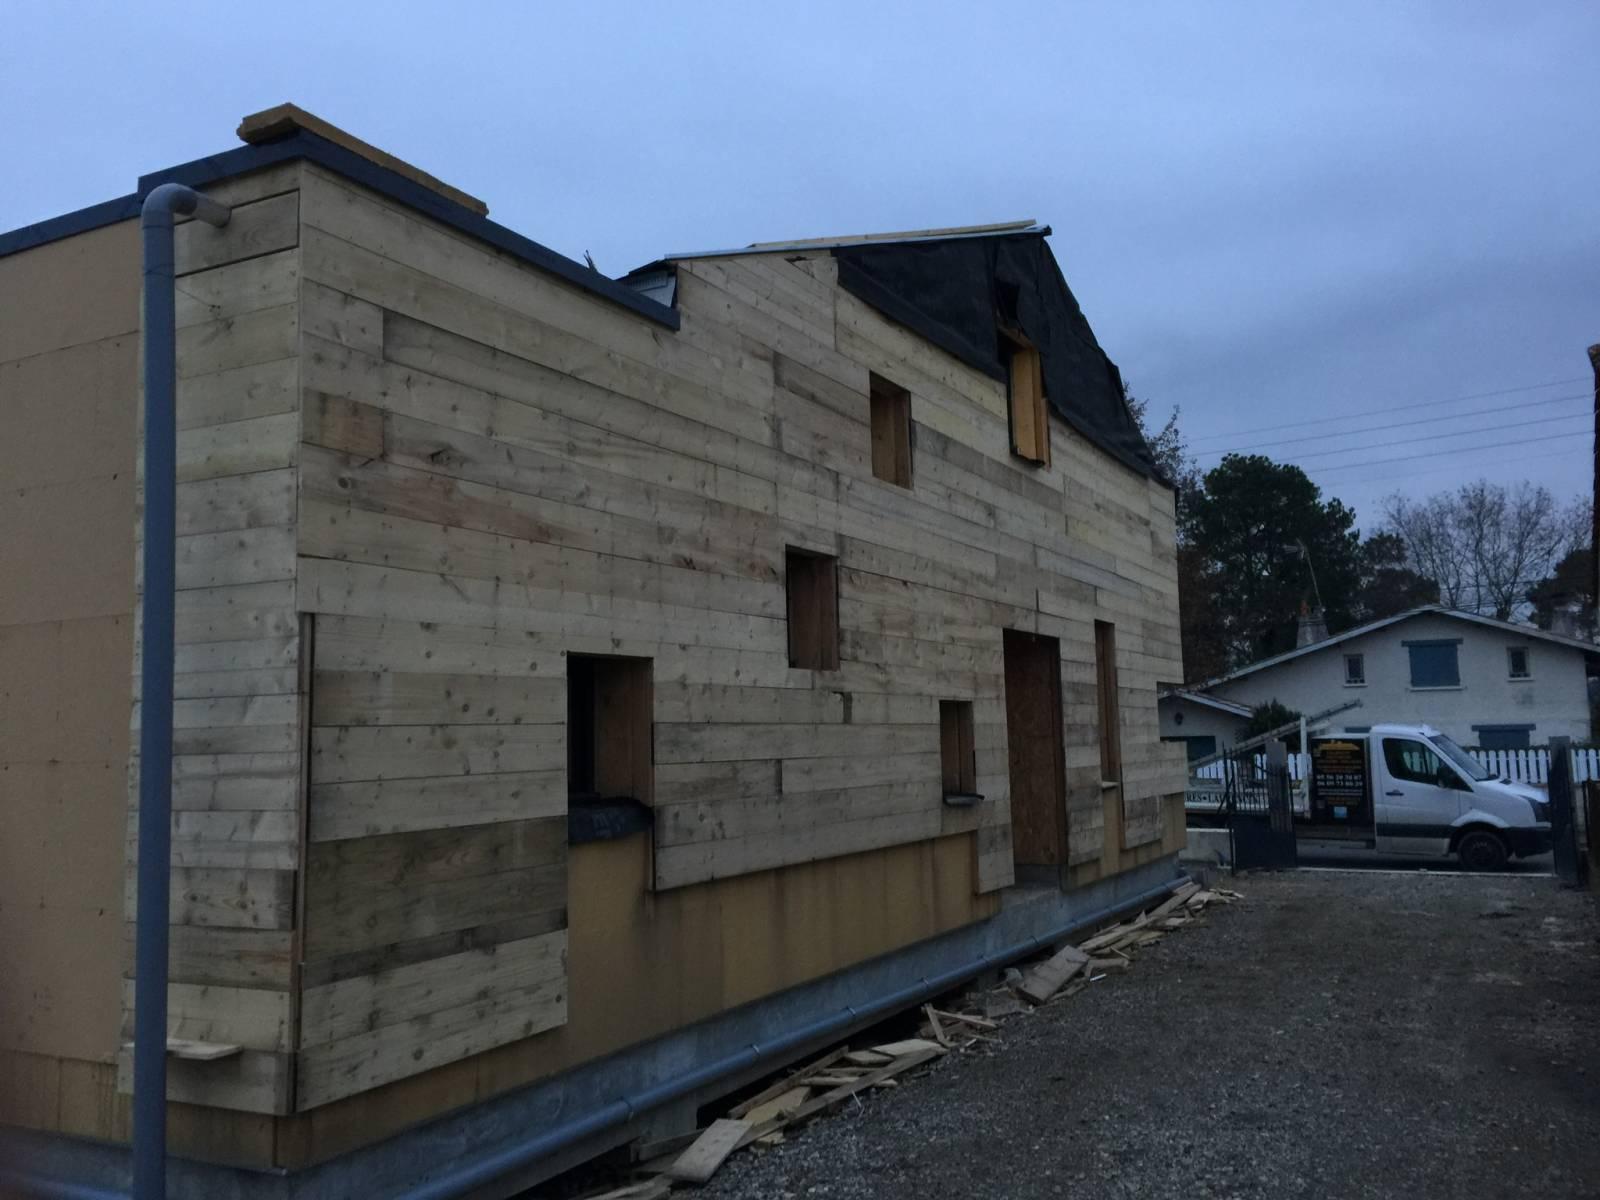 Construction maison ossature bois villenave d ornon 33 couvertures laurencin for Construction maison en bois bordeaux